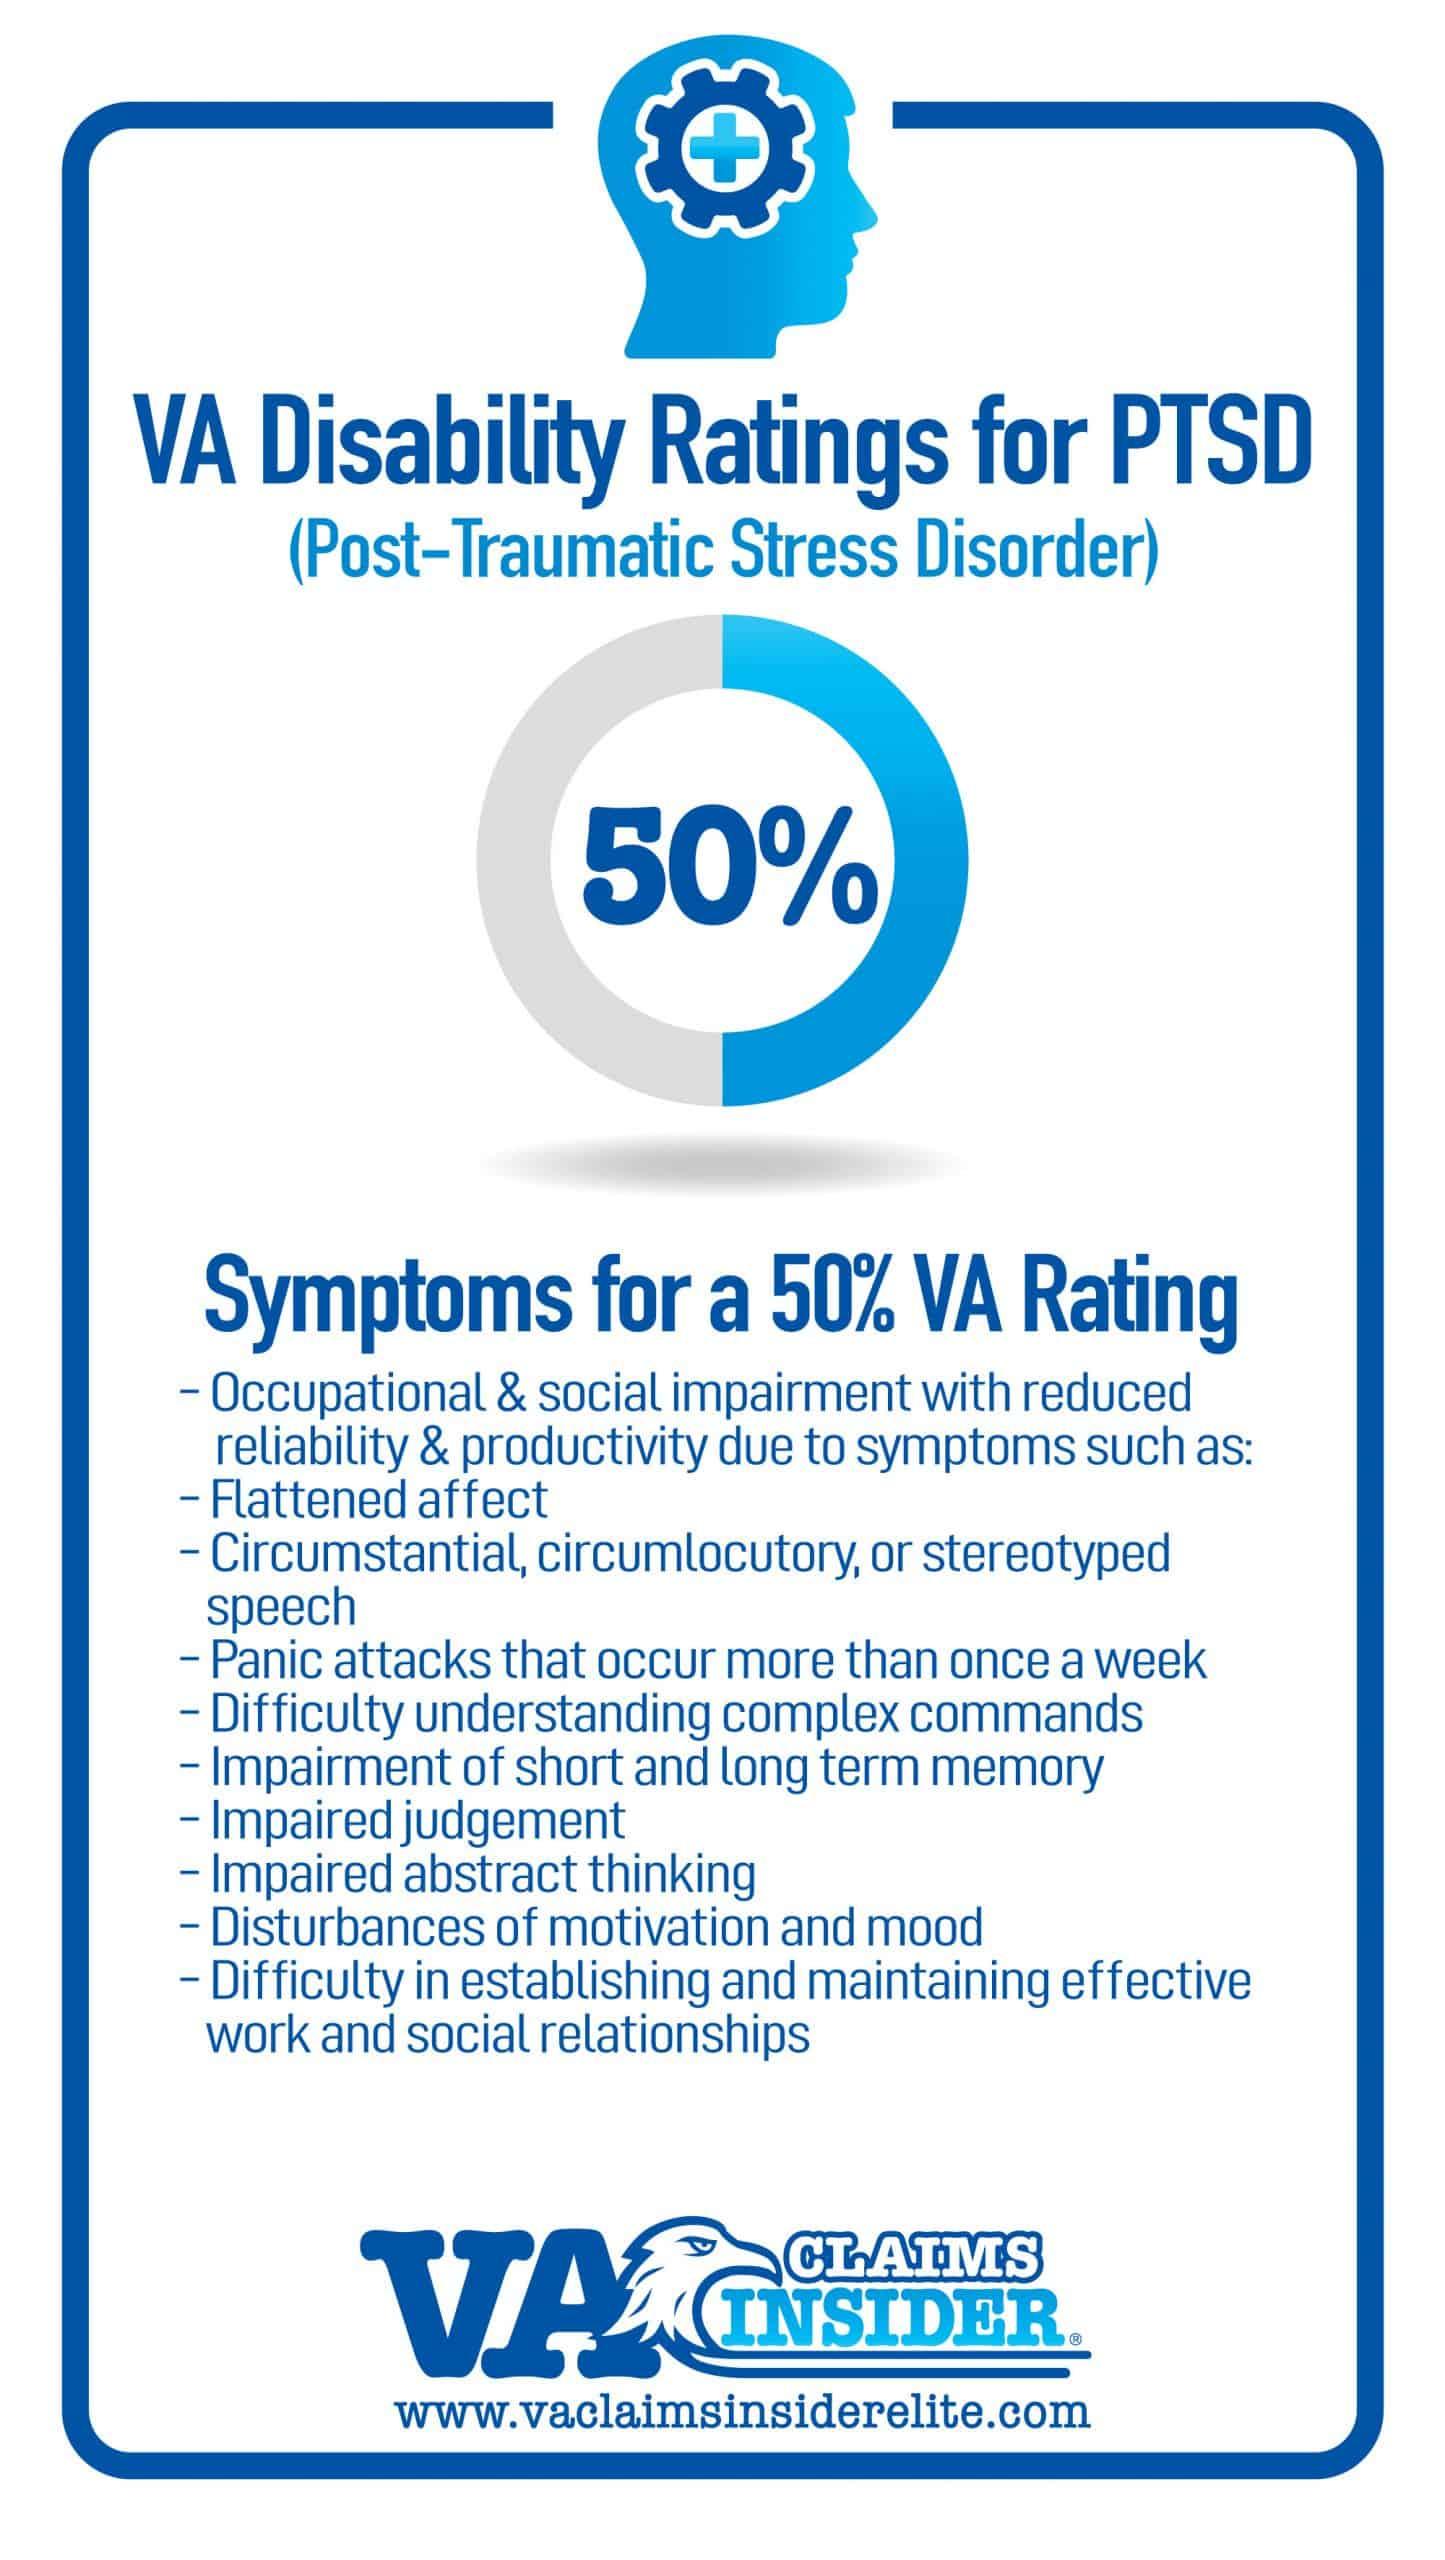 50% VA Rating Symptoms for PTSD